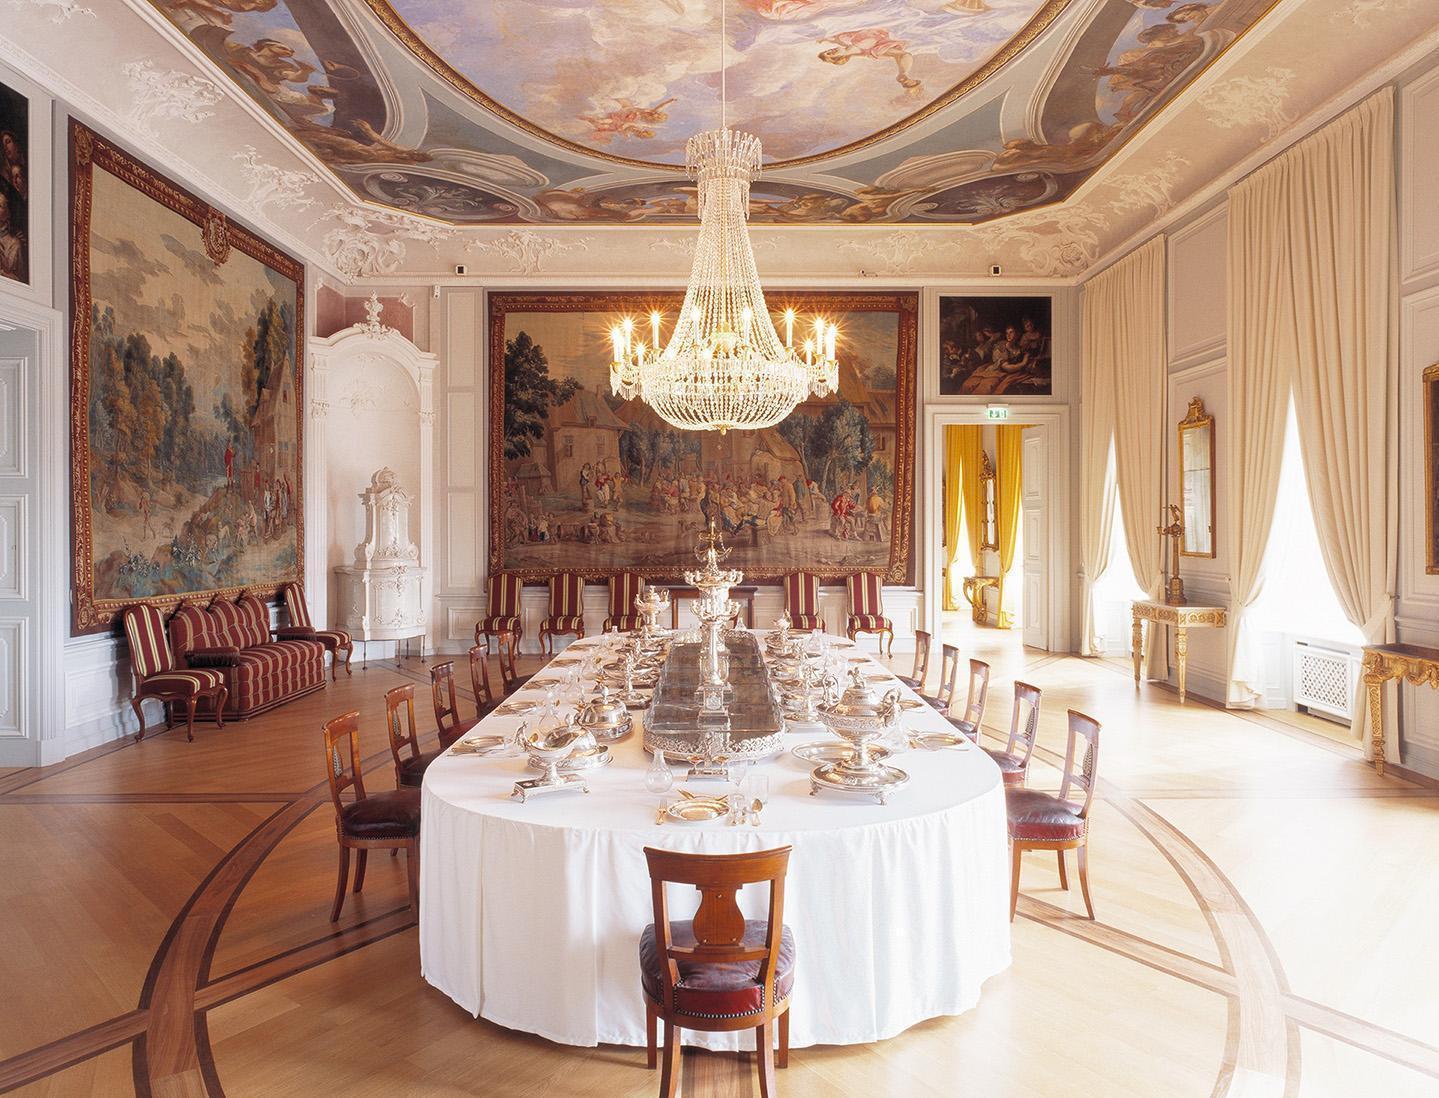 Barockschloss Mannheim, Vorzimmer mit Prunksilber; Foto: Staatliche Schlösser und Gärten Baden-Württemberg, Dirk  Altenkirch